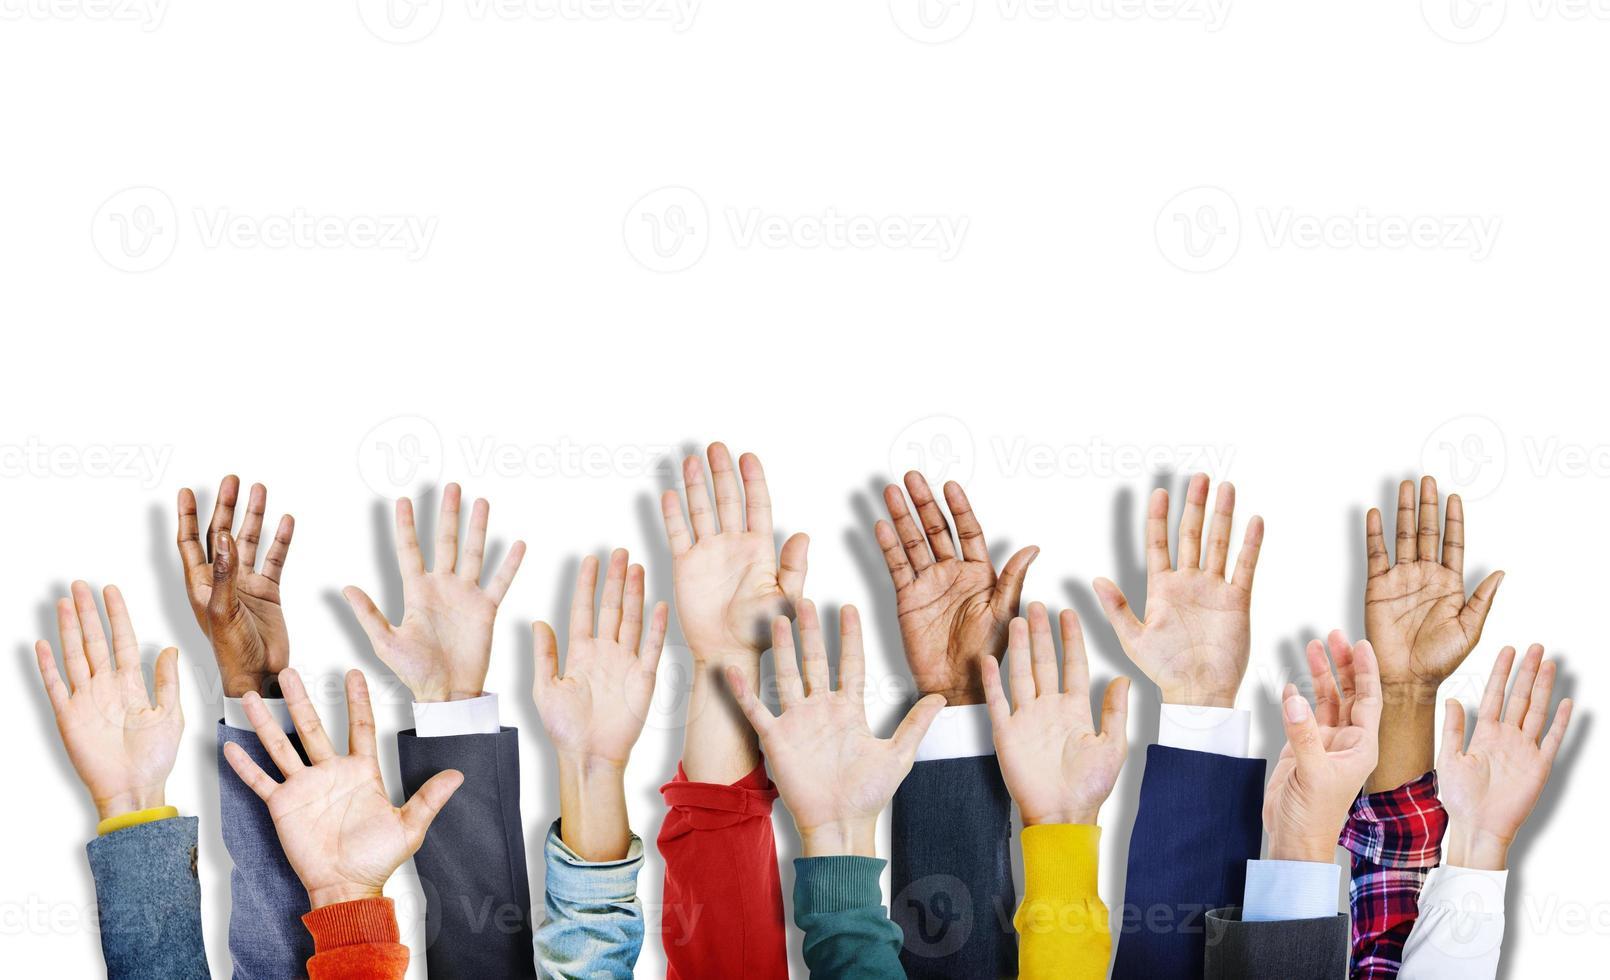 Gruppe von multiethnischen verschiedenen bunten Händen erhoben foto